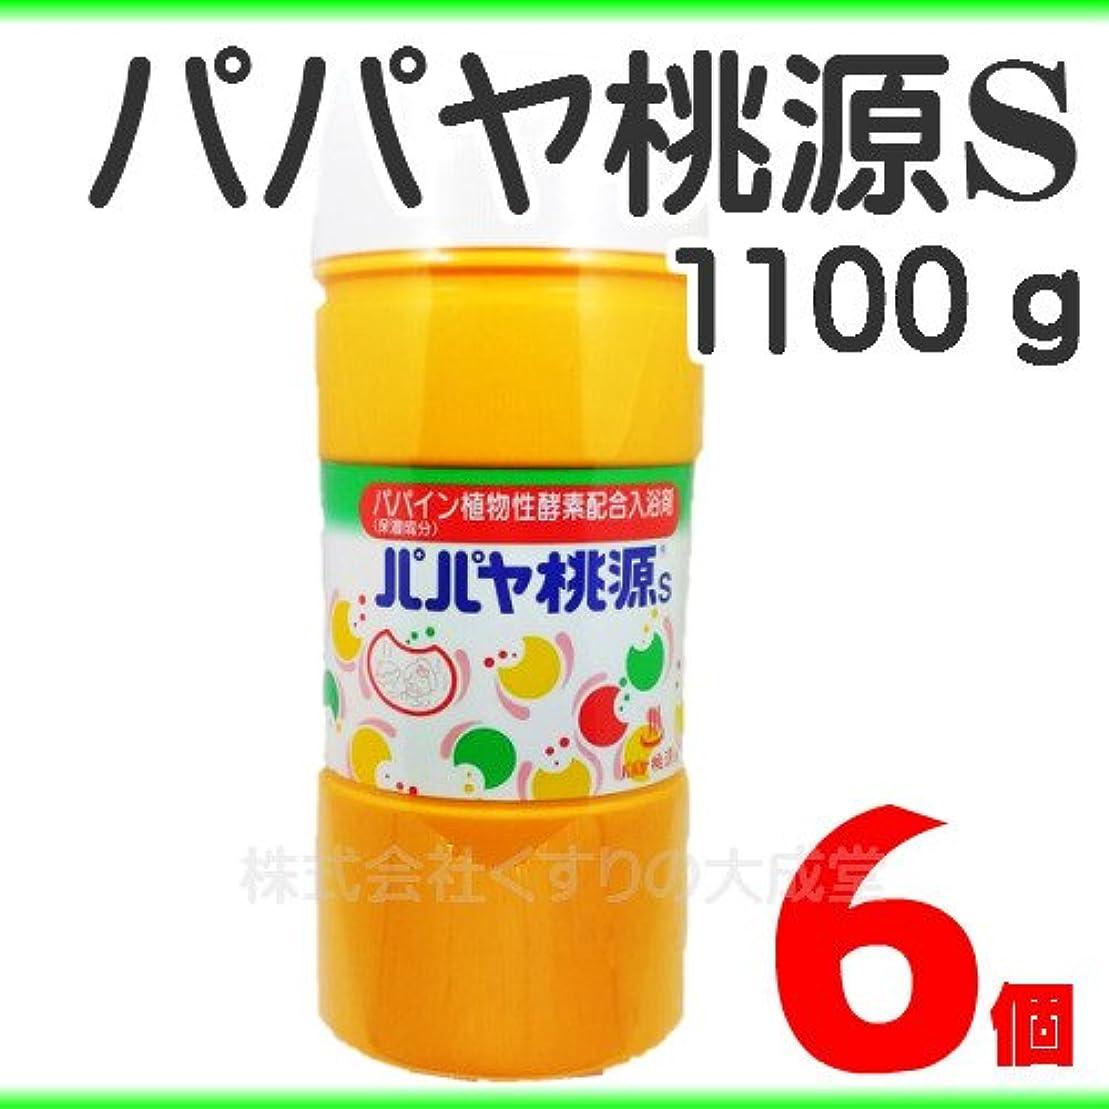 講義推定する倍増パパヤ桃源S 1100g 6個 医薬部外品